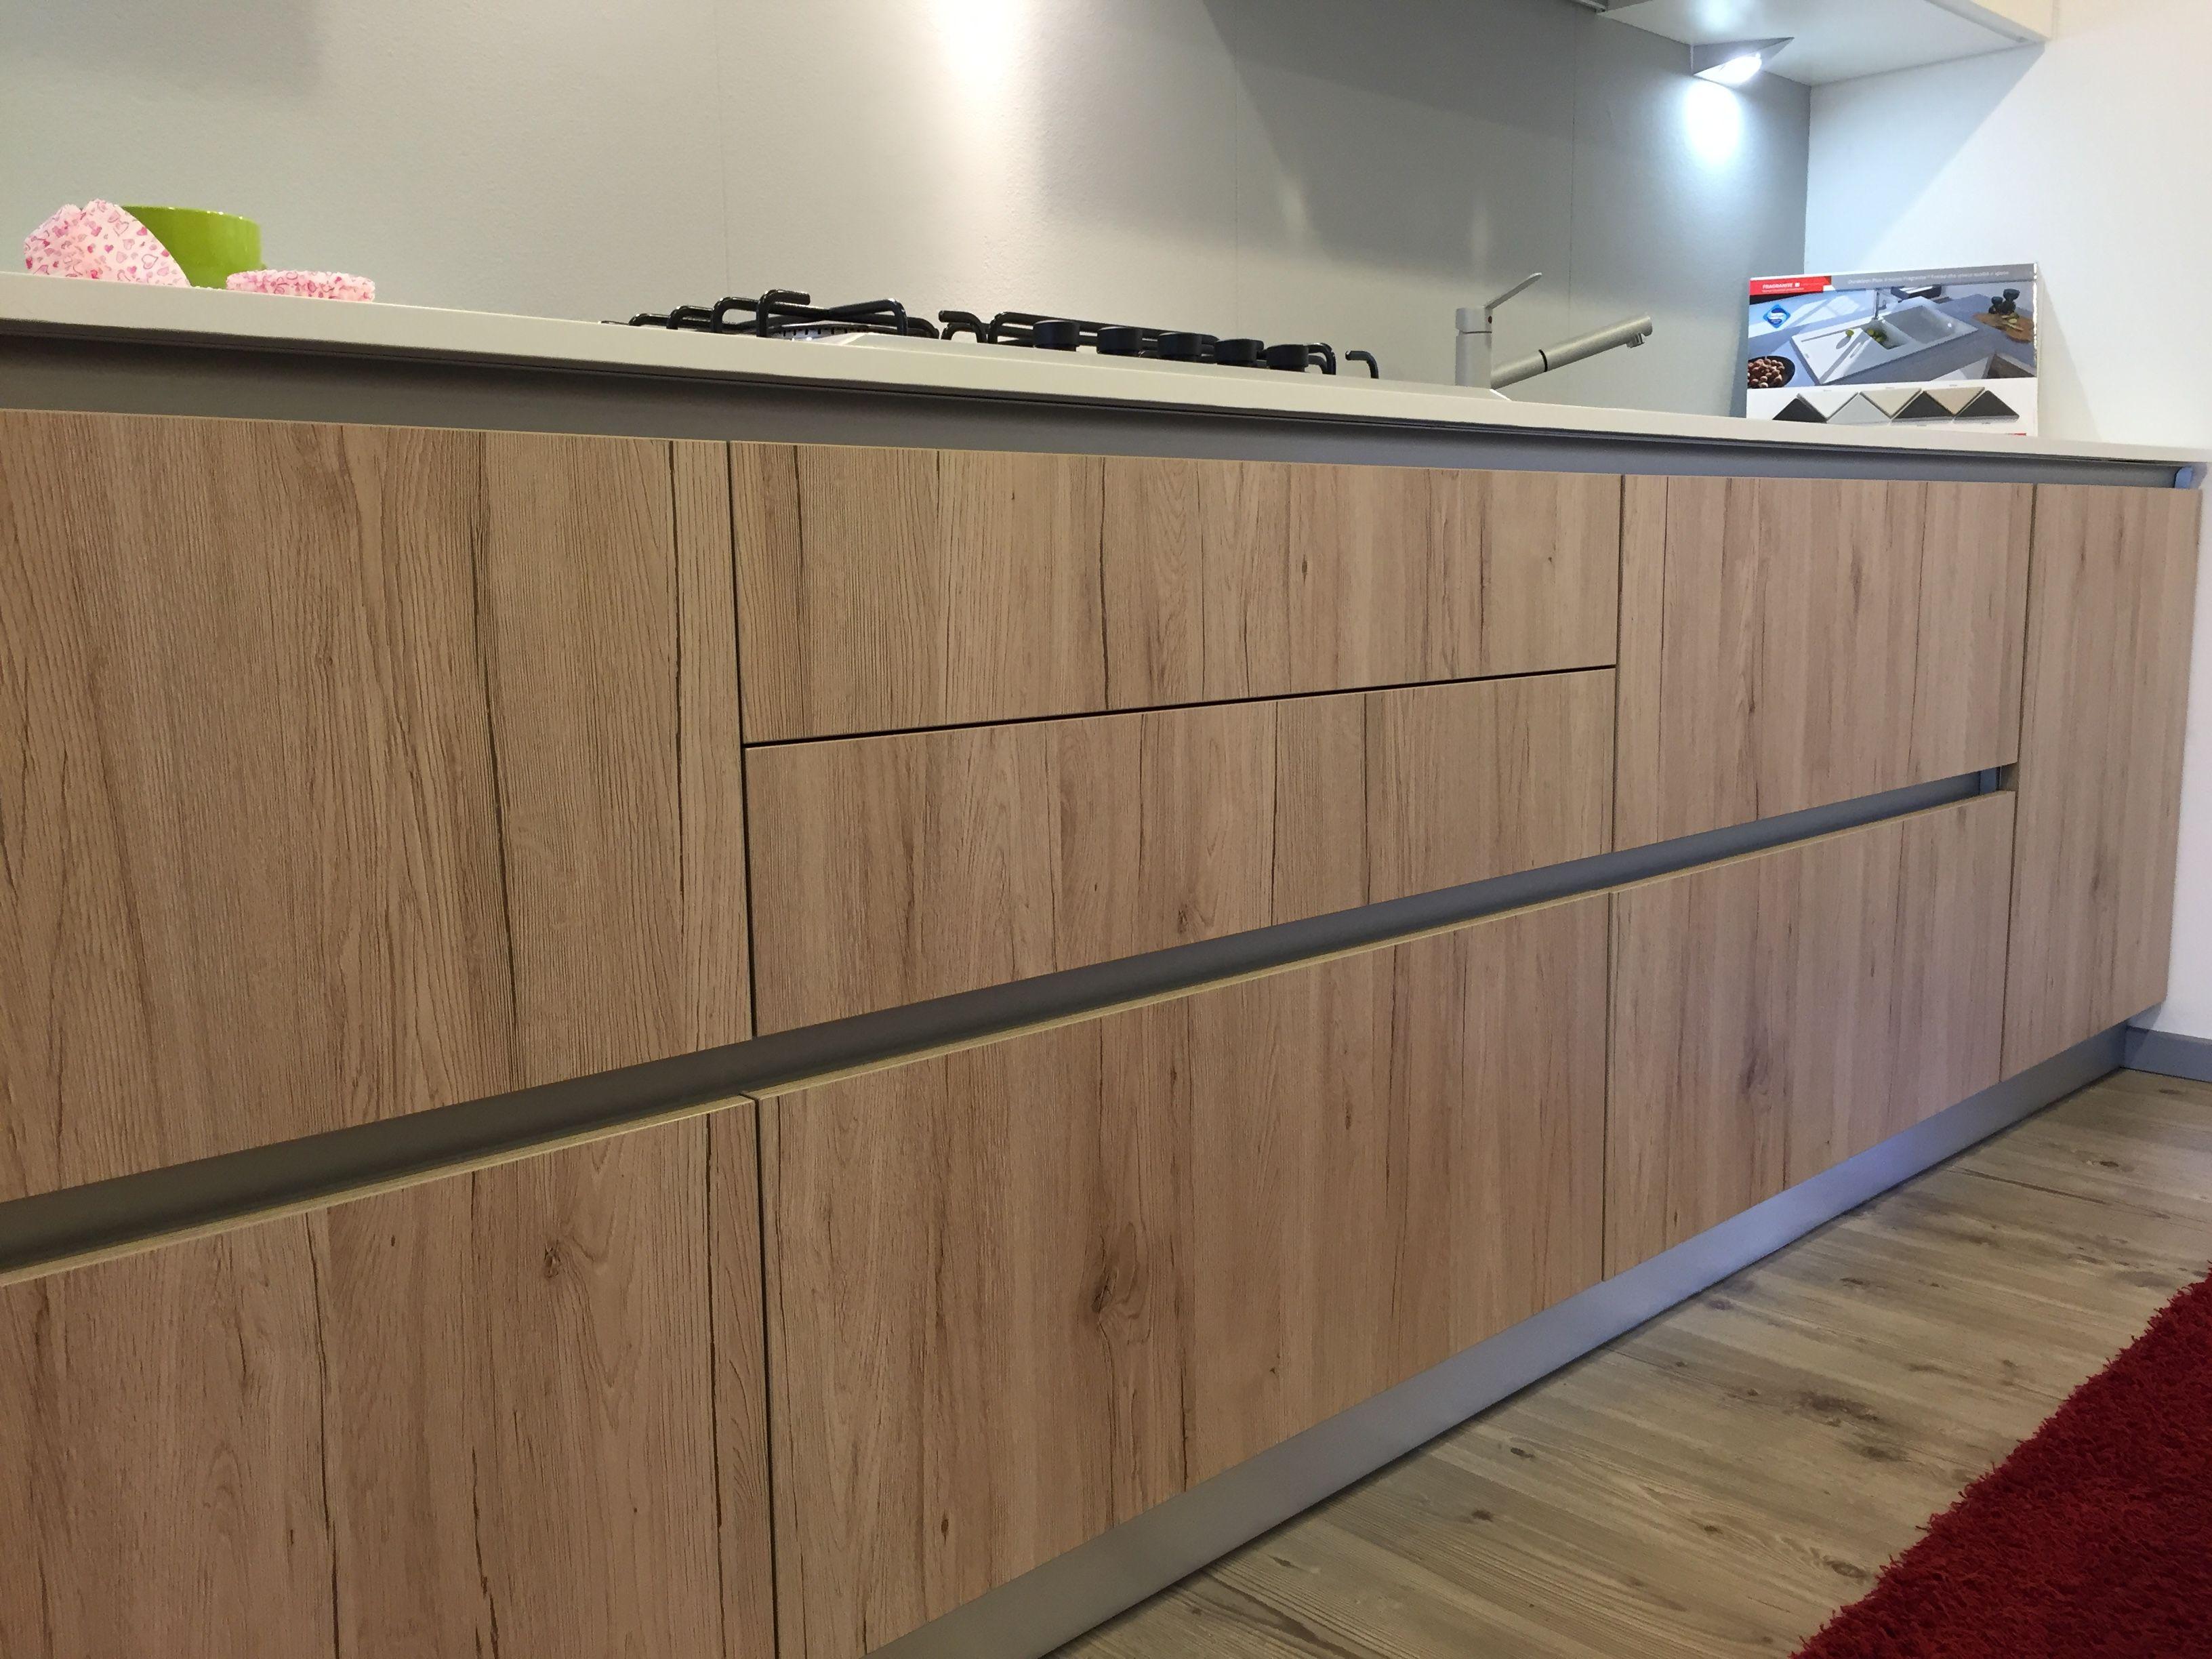 Cucina Scavolini Modello Liberamente Basi Decorativo Colore Rovere Voyage Interior Design Room Divider Decor